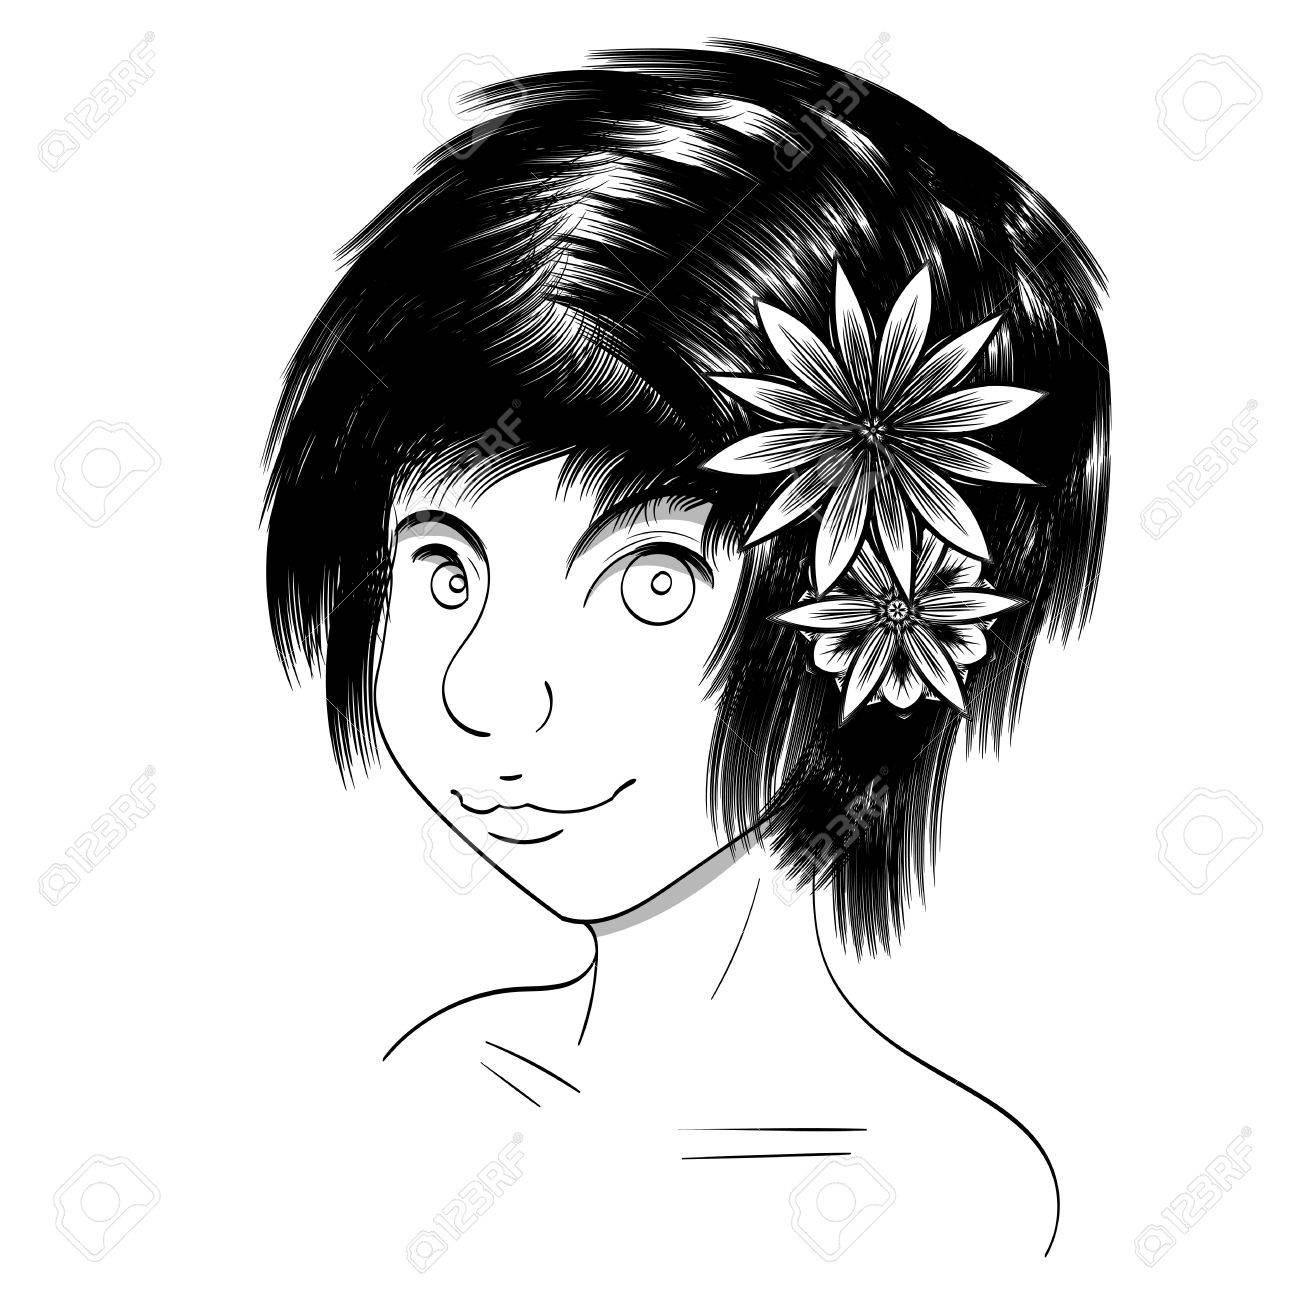 Dessin Noir Et Blanc Dune Jeune Fille Mignonne Vecteur Réaliste De Cheveux Noirs Les Fleurs De Lotus Dans Ses Cheveux Isolé Fait à La Main